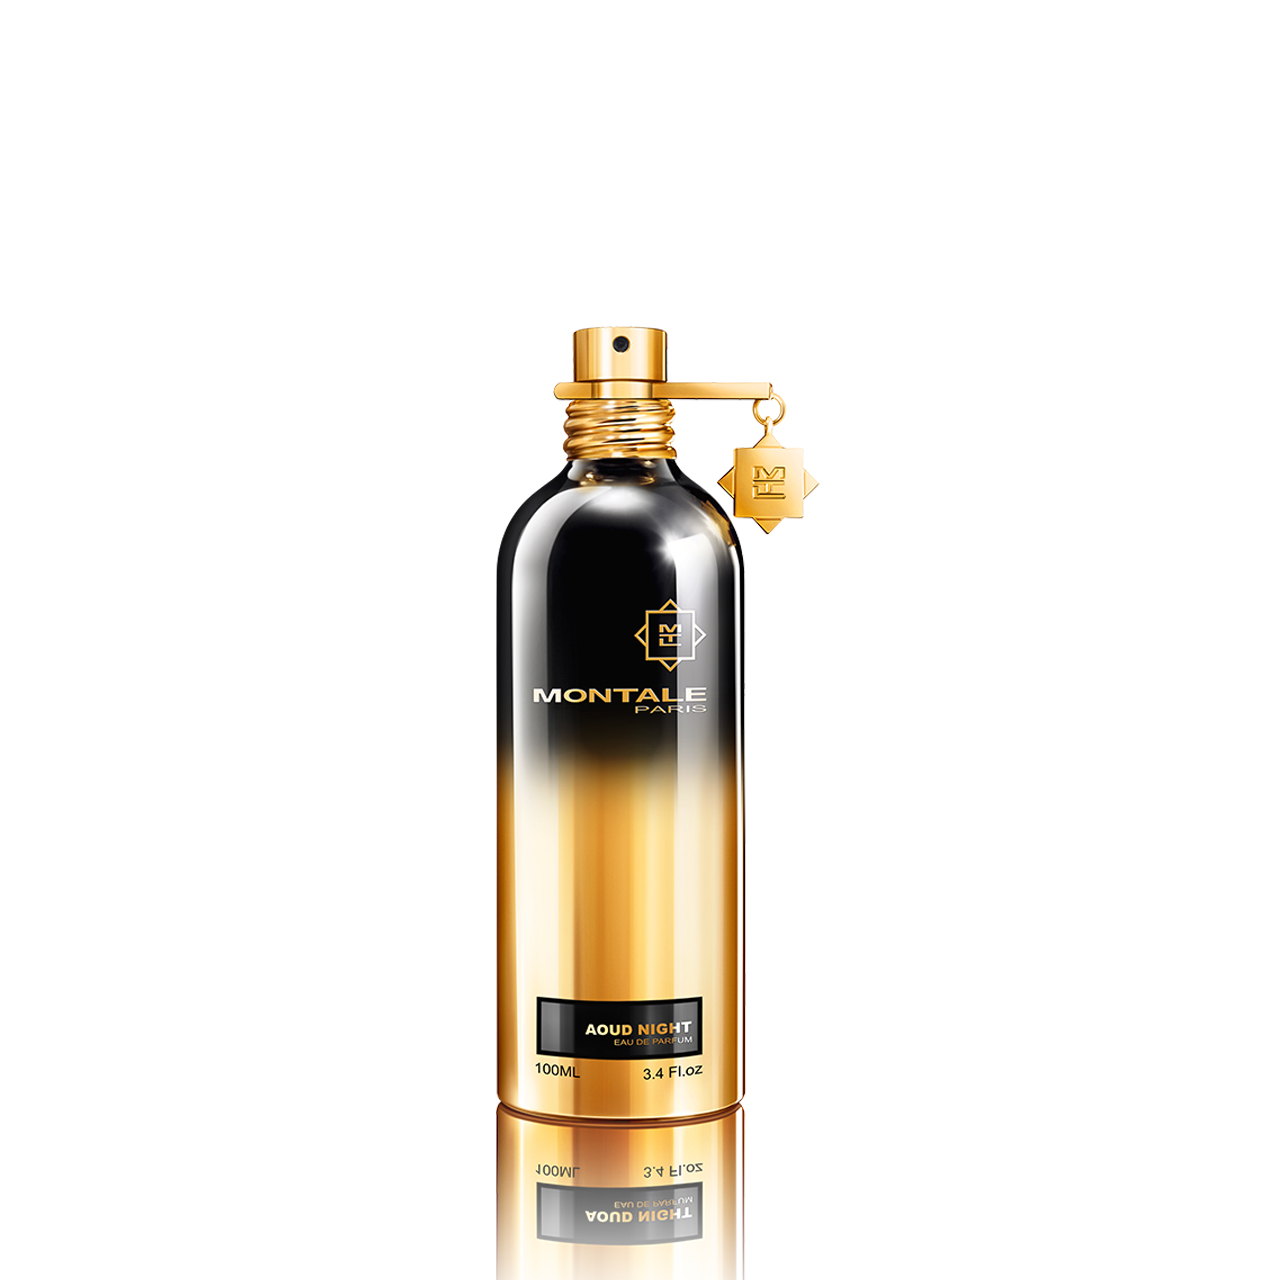 Aoud Night - Eau de Parfum